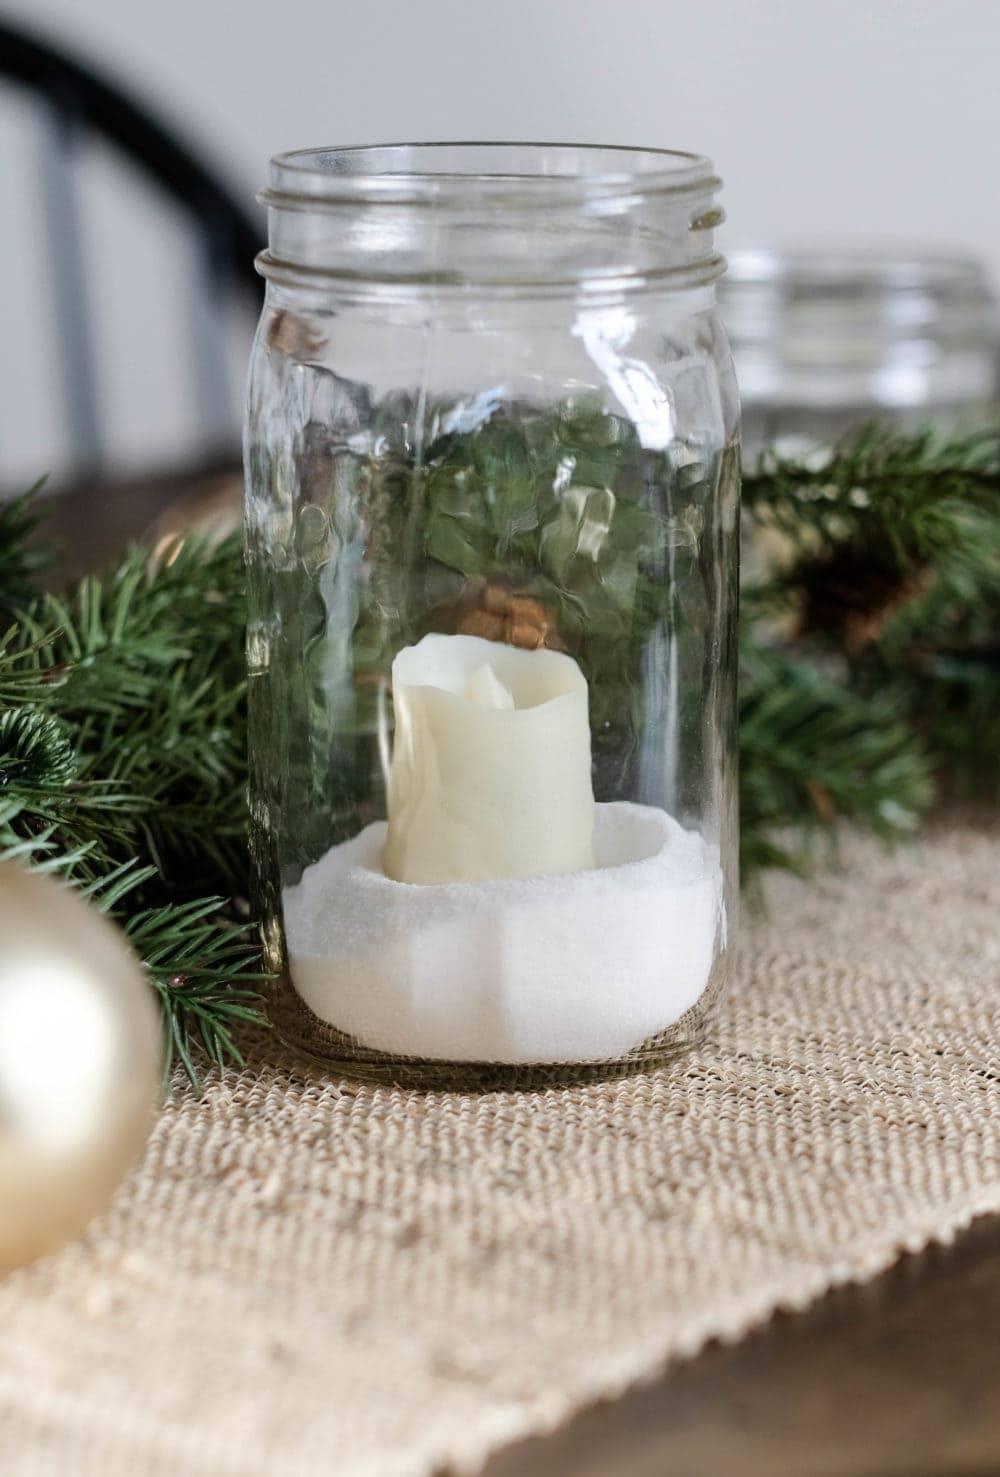 Simple Christmas Decor Ideas - Mason Jar Candle Holder